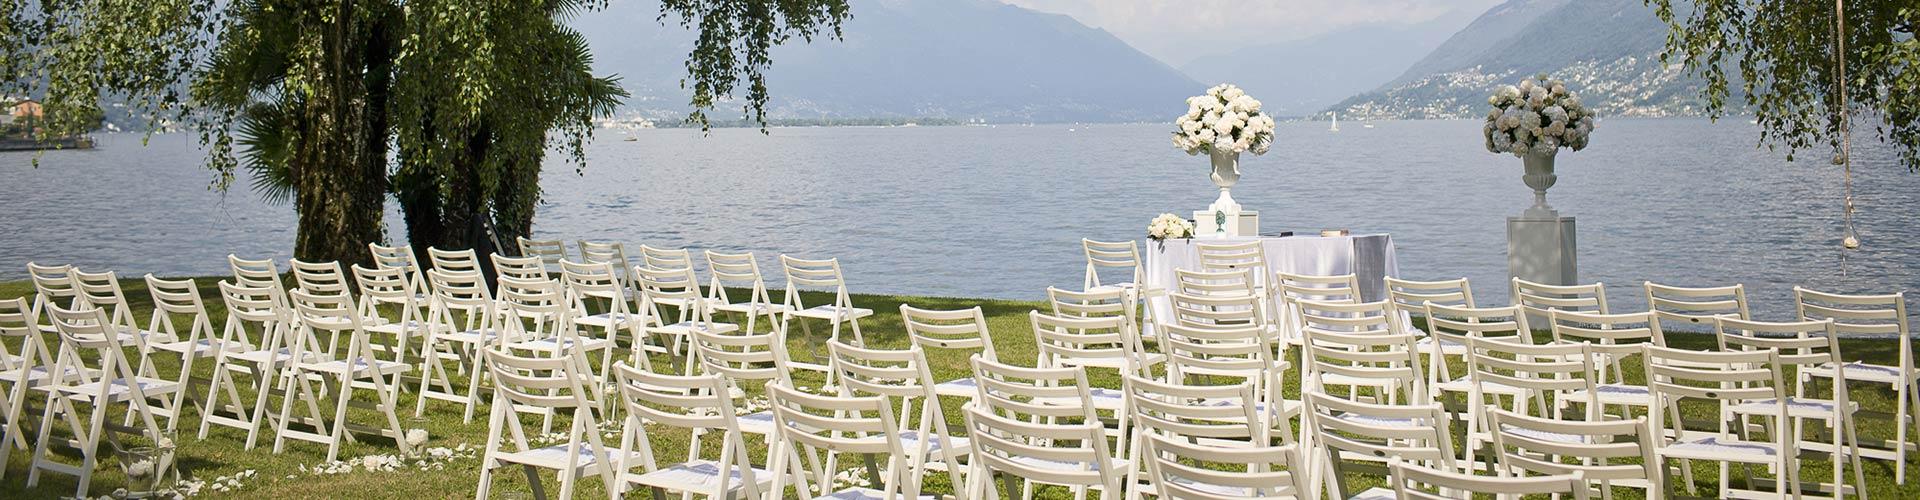 matrimonio-ticino-lago-maggiore